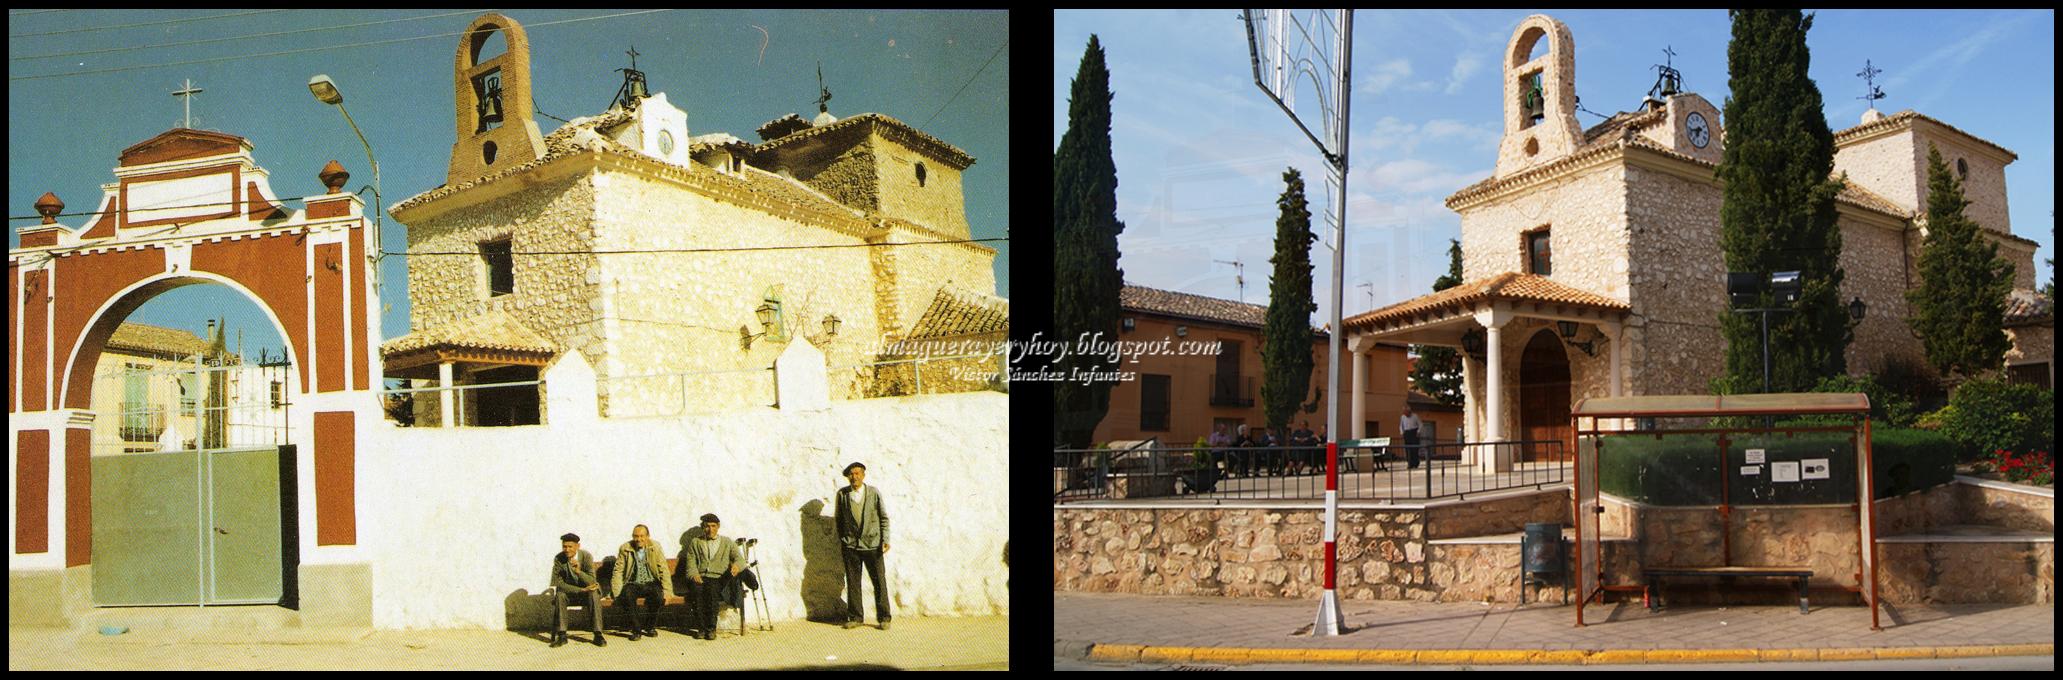 San Anton. Años 80-2012